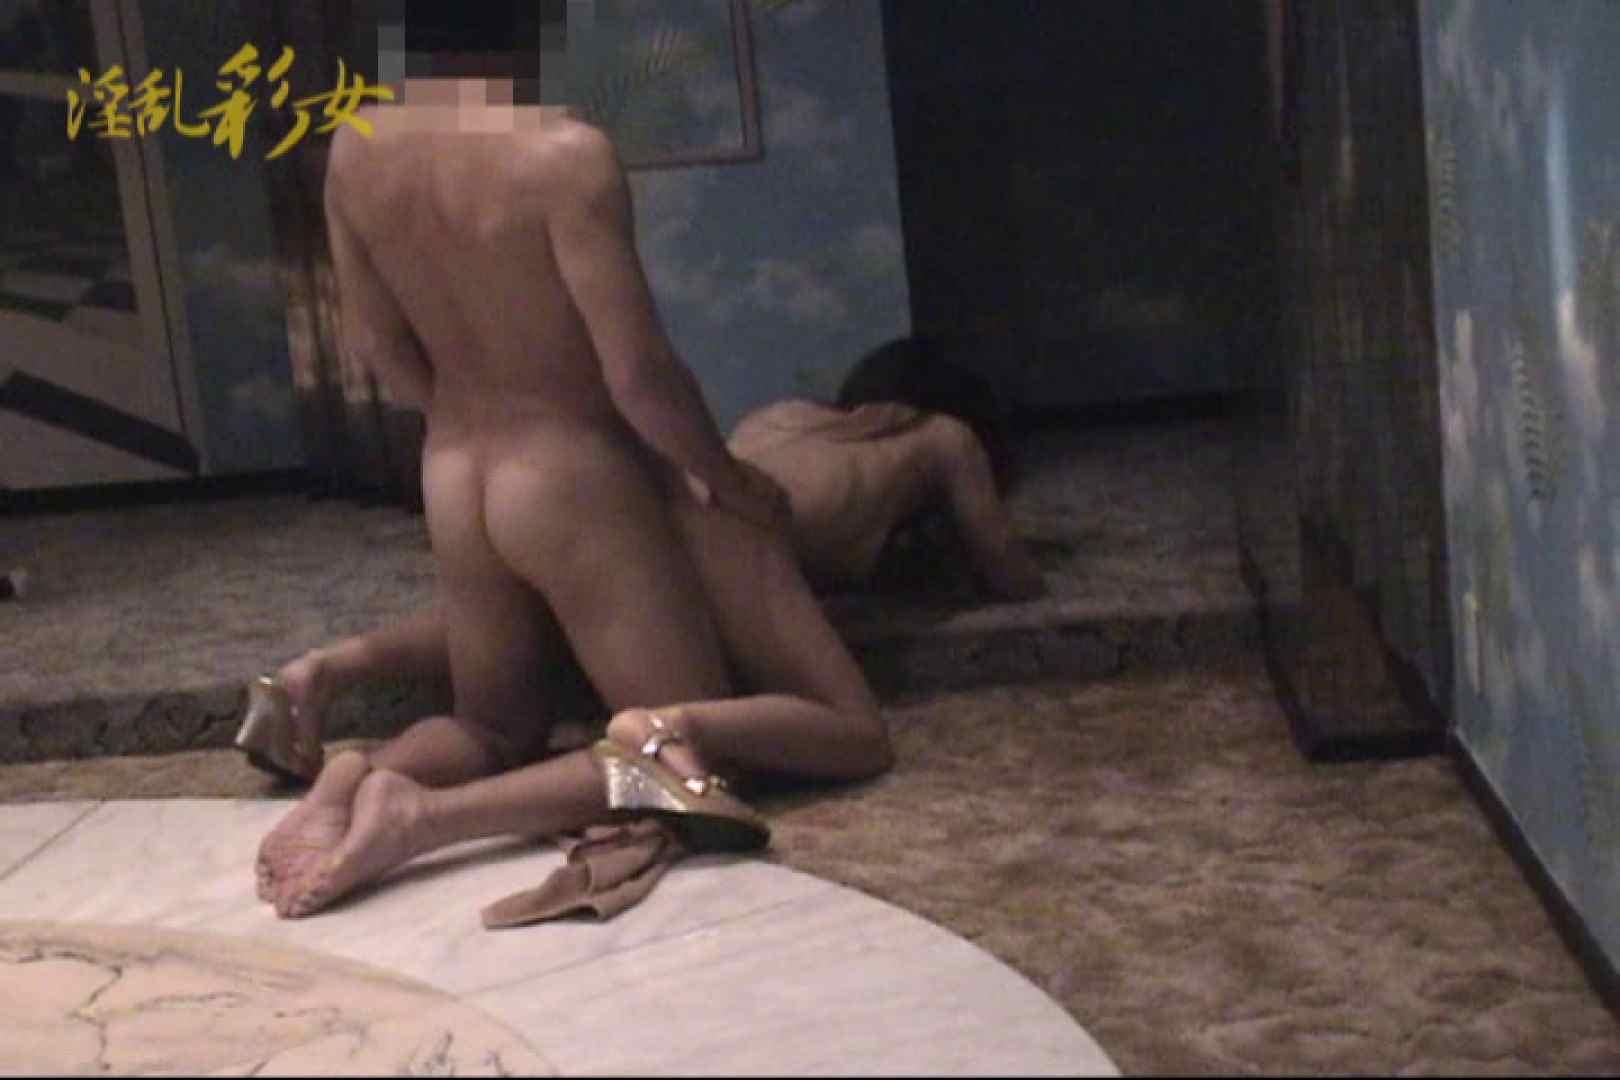 淫乱彩女 麻優里 ホテルで3P絶倫編2 一般投稿 | 3P  111pic 21